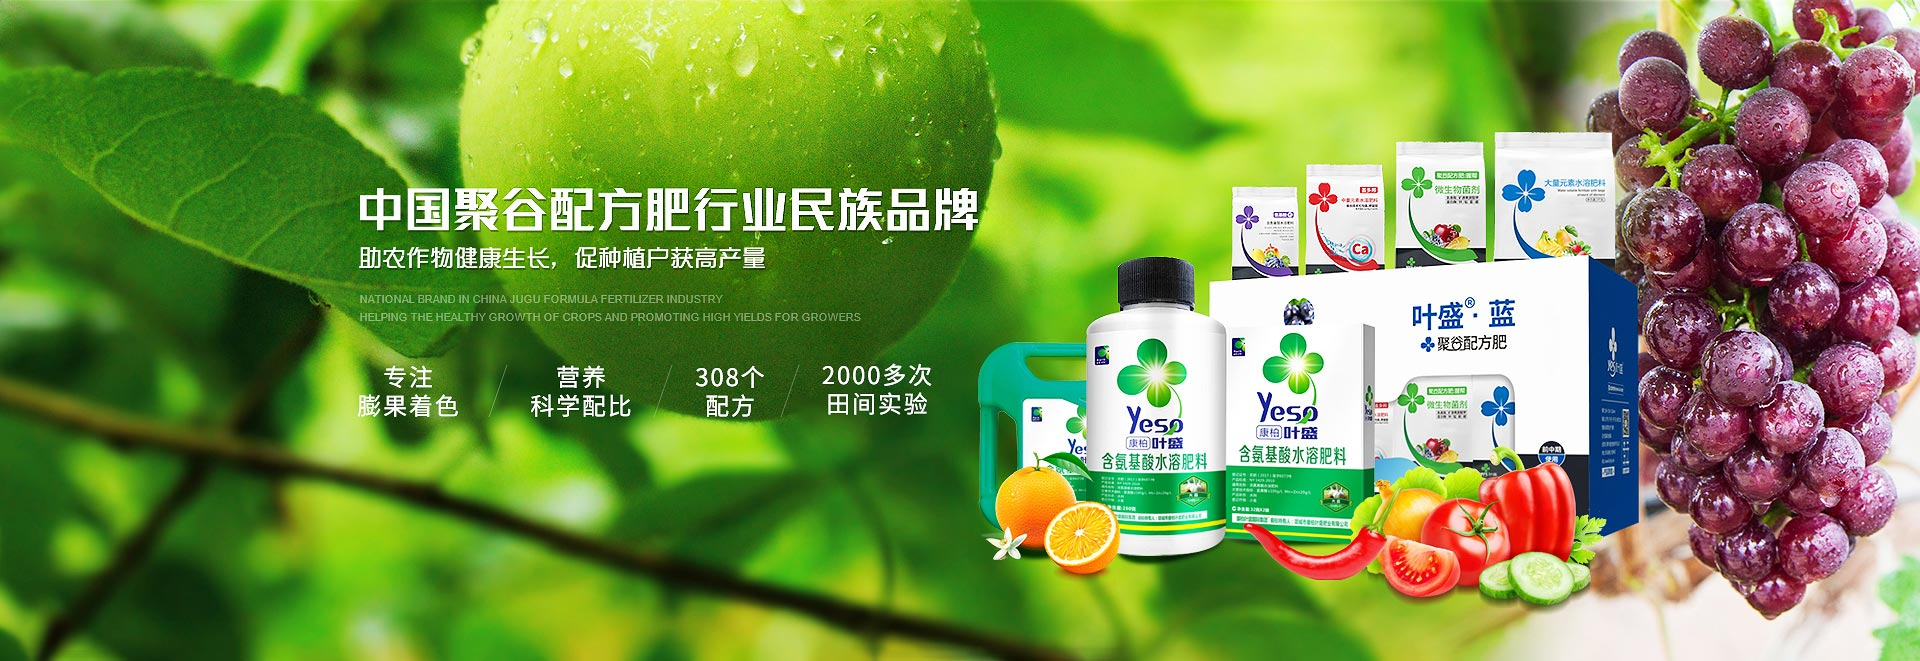 中国聚谷配方肥行业民族品牌